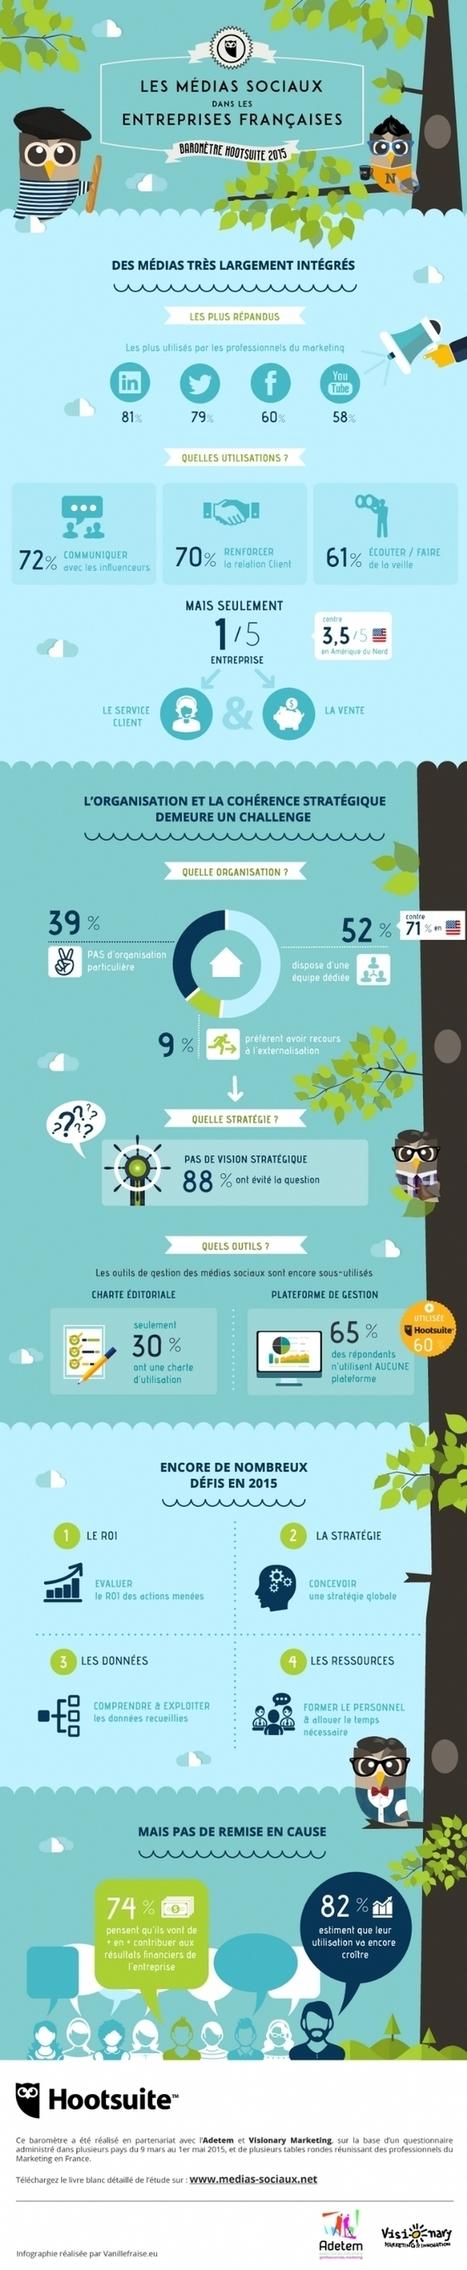 Infographie | Médias sociaux : les défis à relever | Best of des Médias Sociaux | Scoop.it